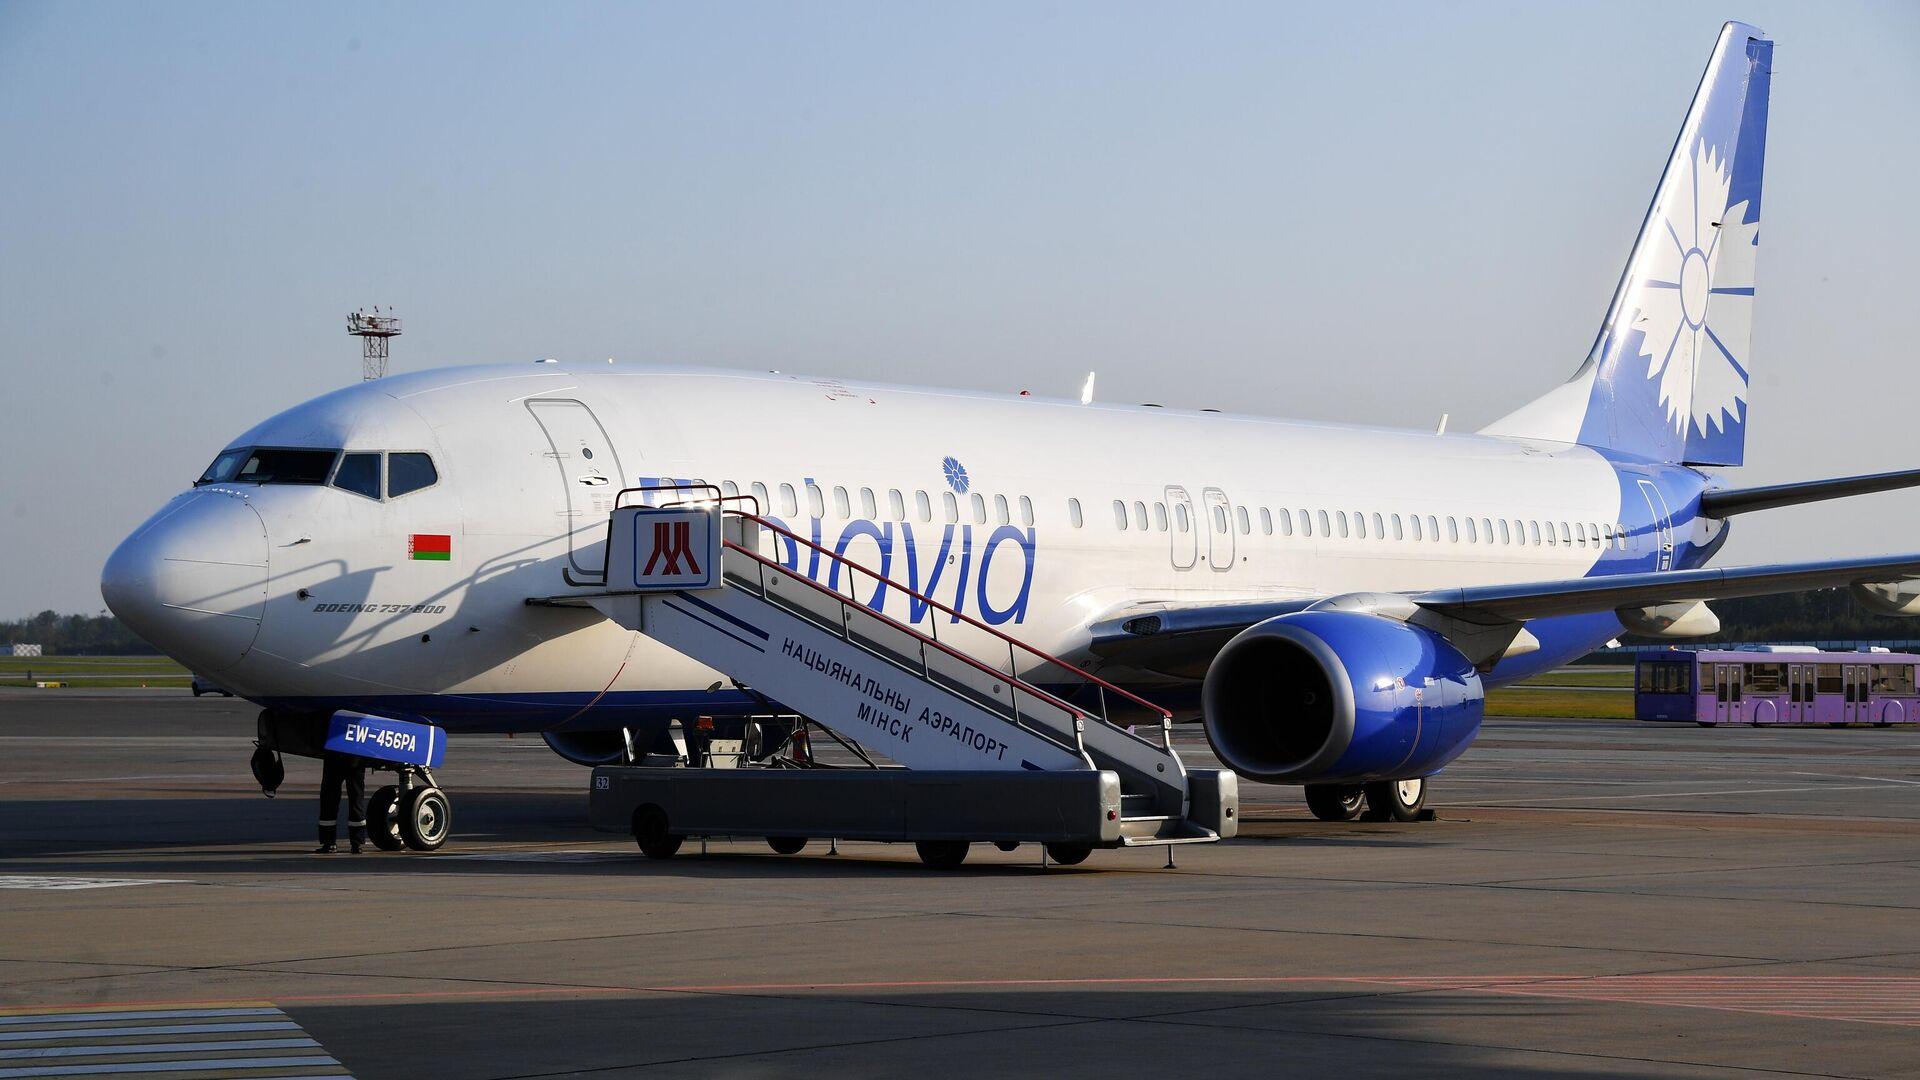 Самолет Boeing 737-800 белорусской авиакомпании Белавиа в национальном аэропорту Минск - РИА Новости, 1920, 27.07.2021